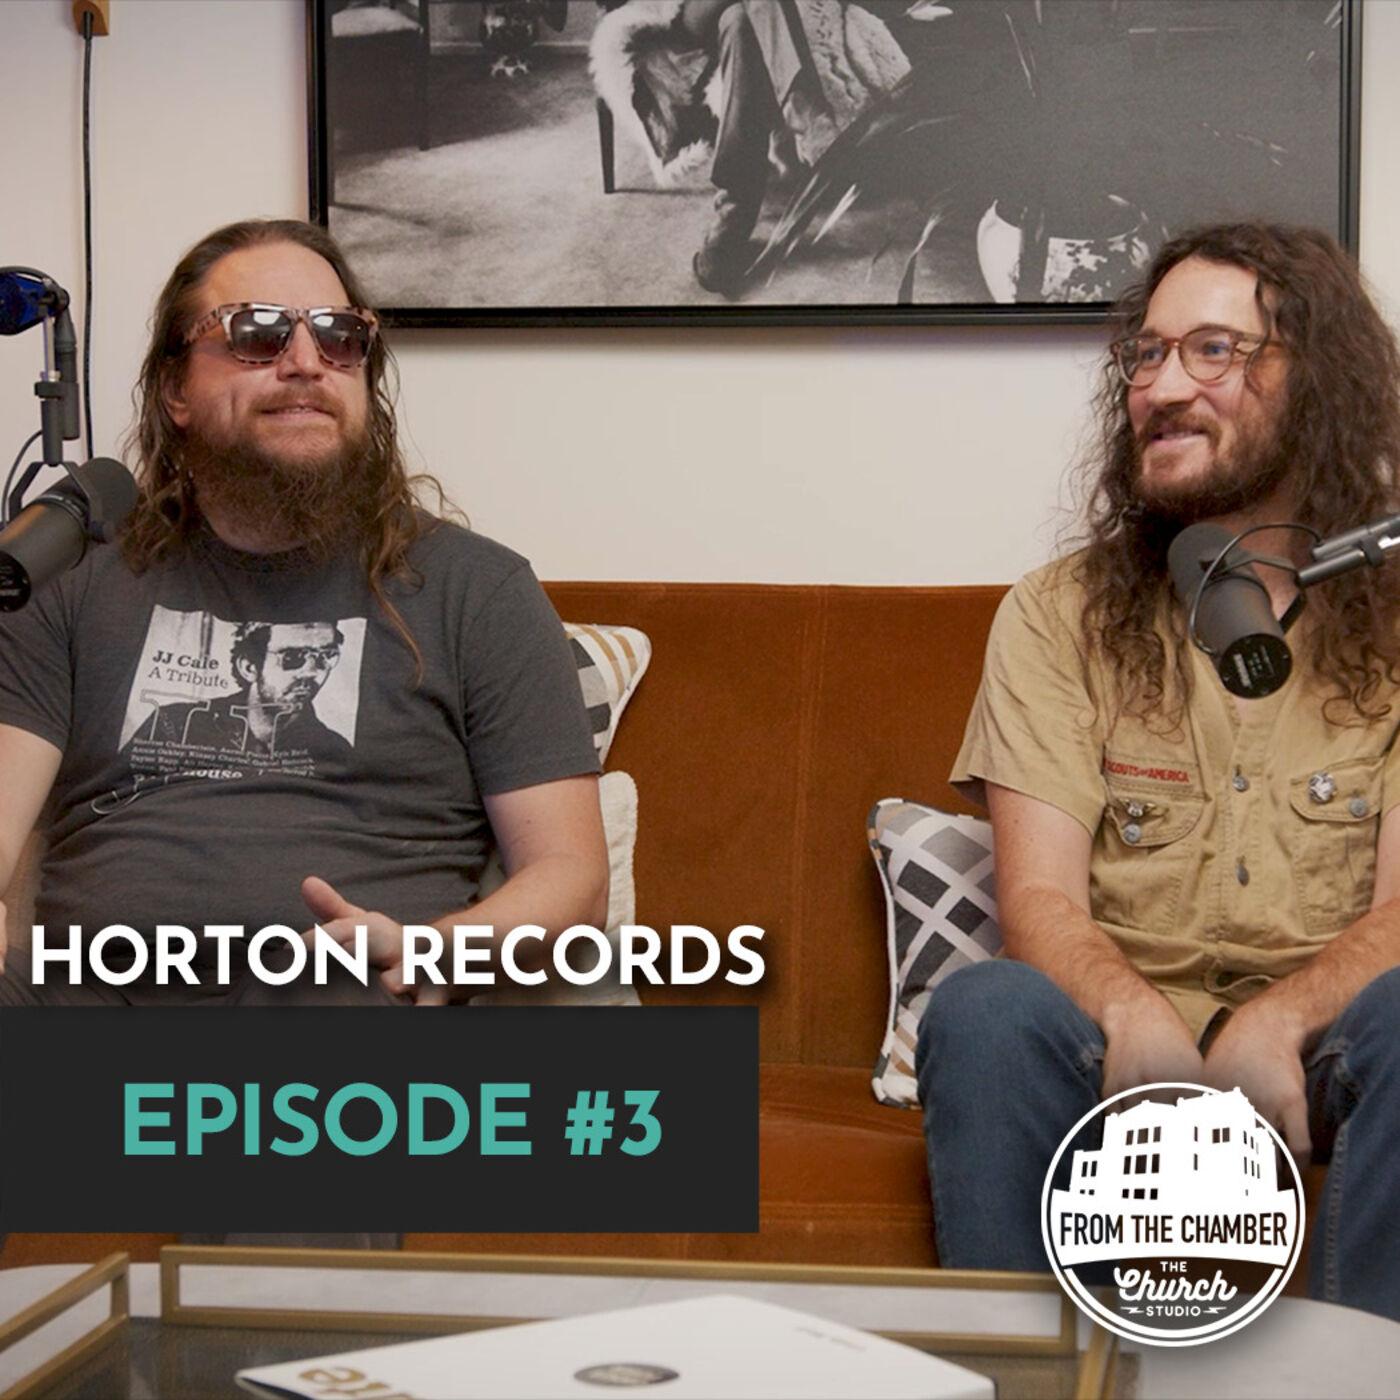 EPISODE 3 - HORTON RECORDS